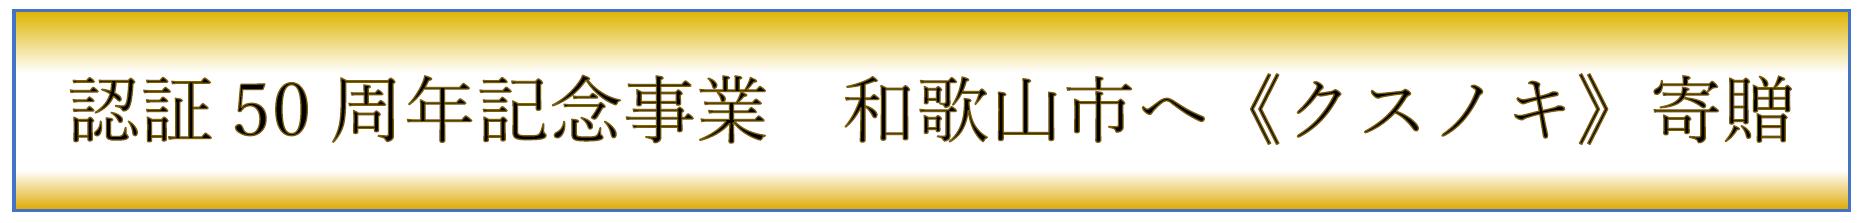 クスノキ寄贈HP題字ゴールド.png